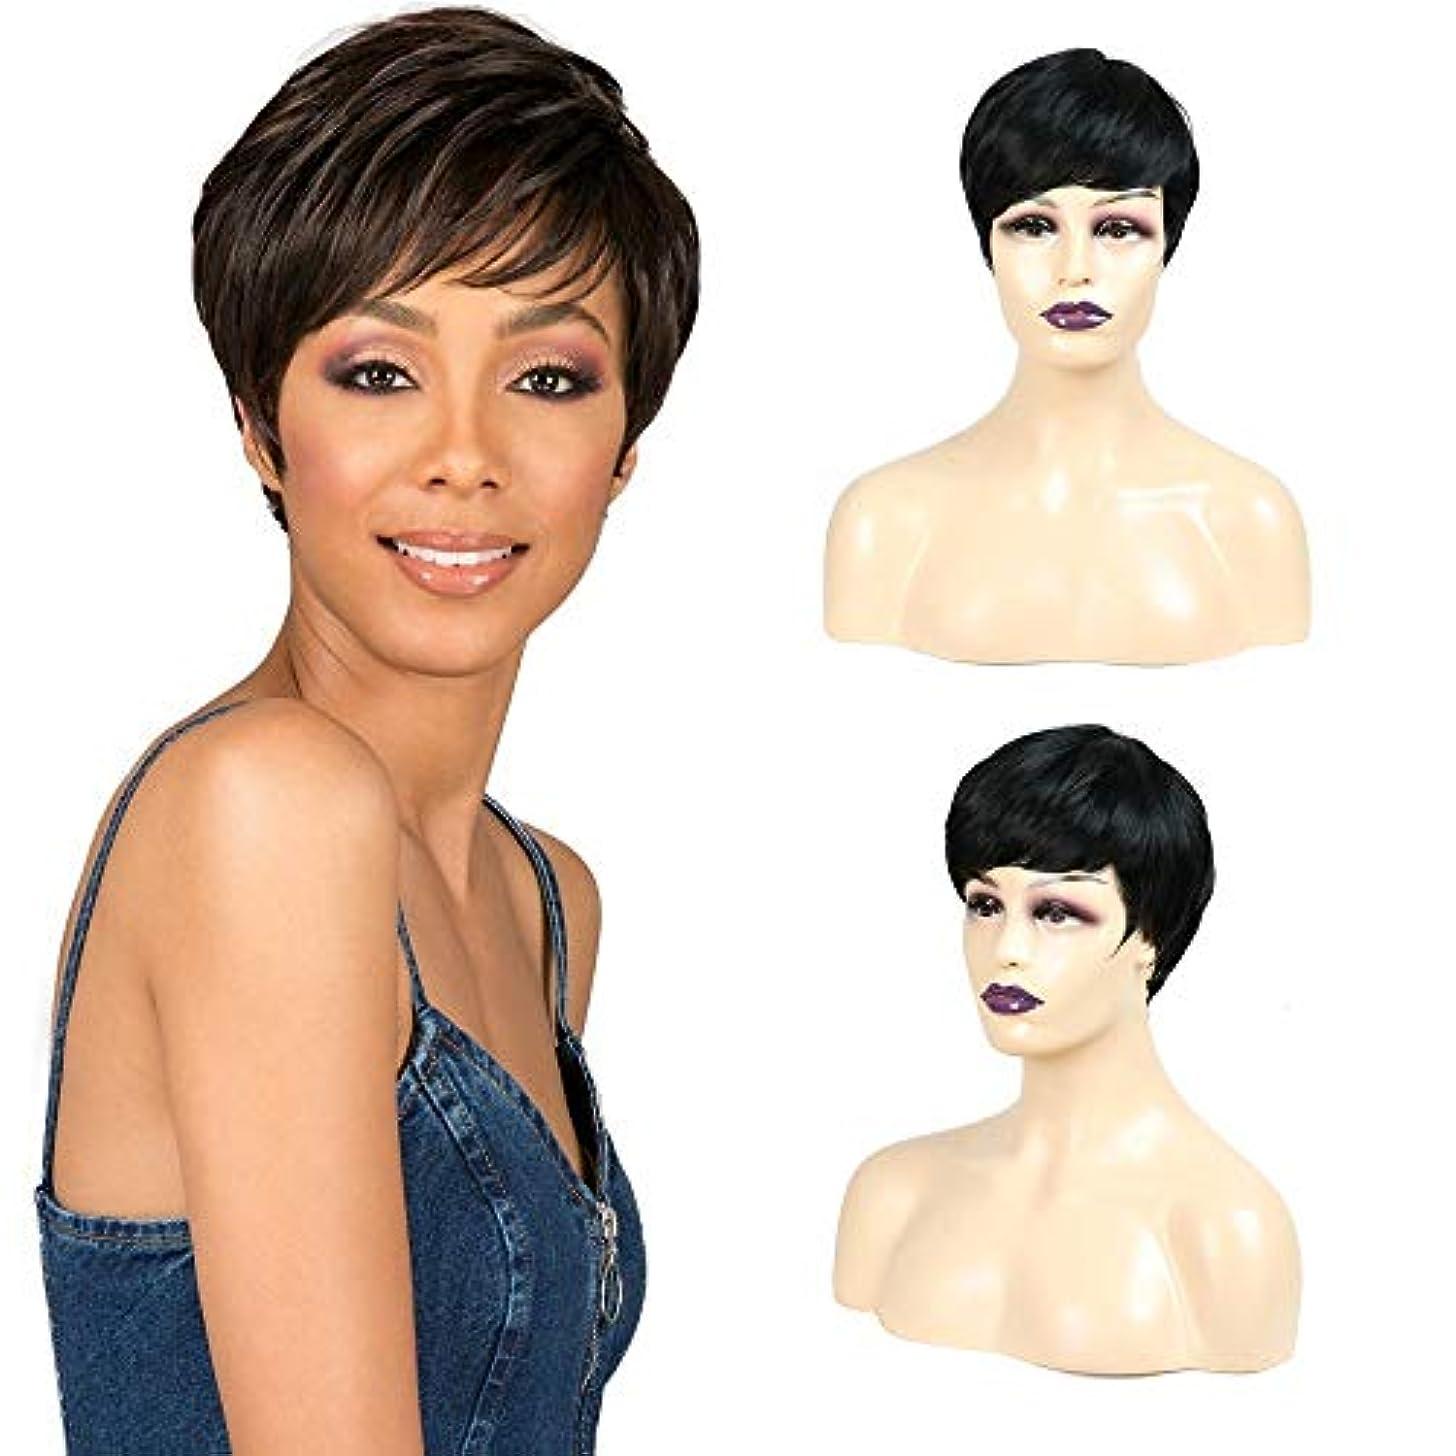 一時停止神経衰弱未使用YOUQIU レディース上品なボブスタイルサイドパート髪デイリーでショートストレート黒人工毛ウィッグウィッグを着用してください (色 : 黒)